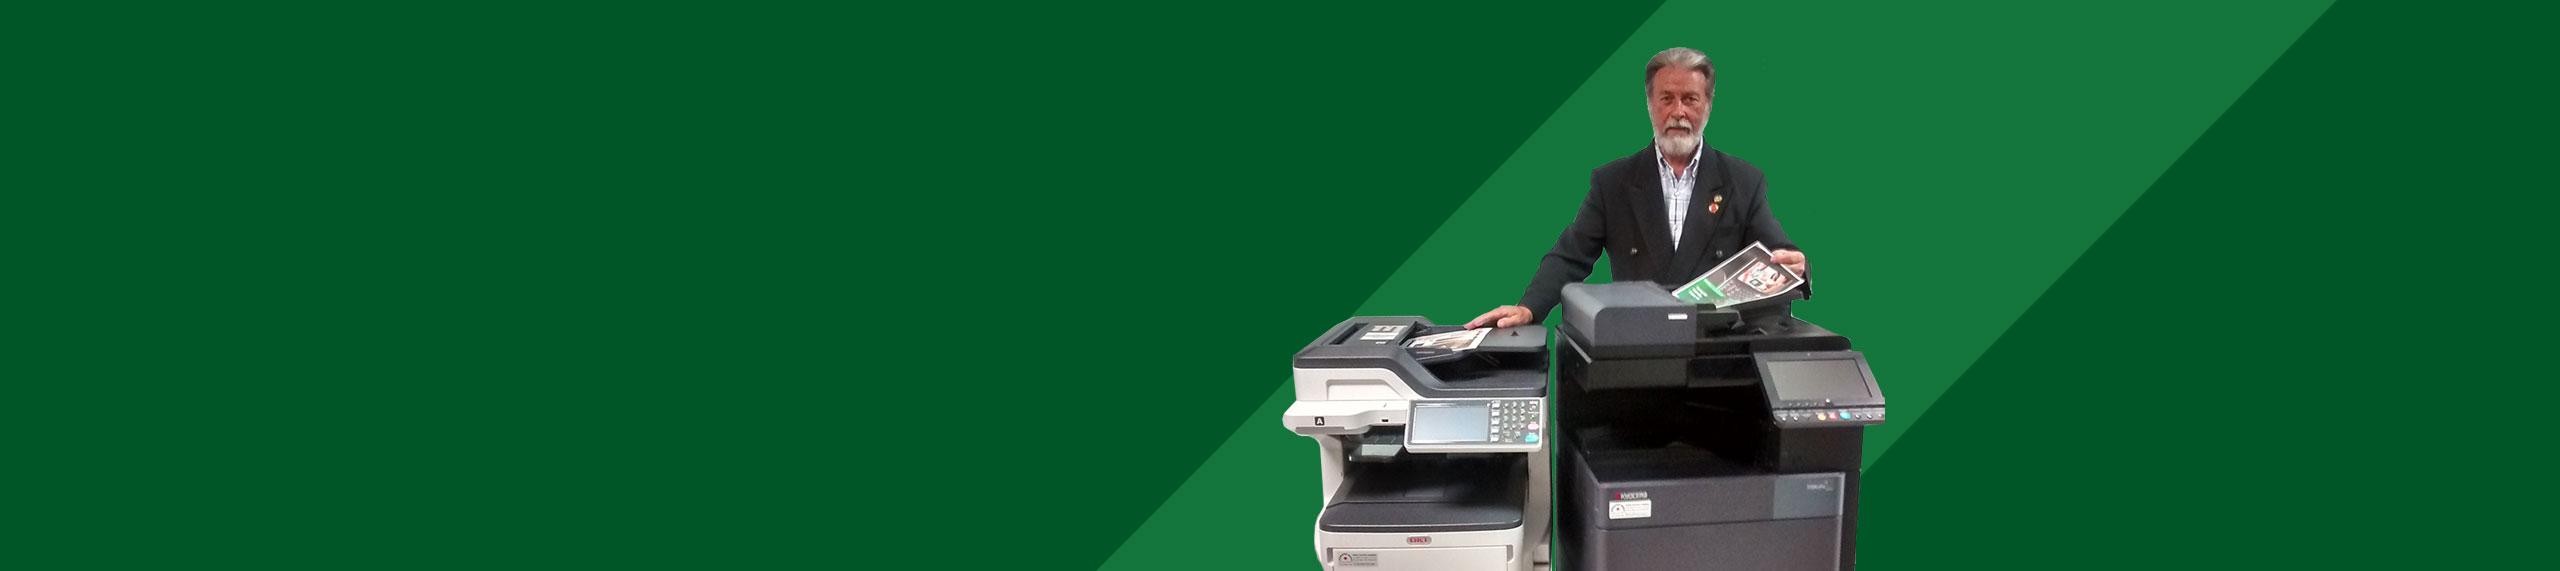 George Payne Printers